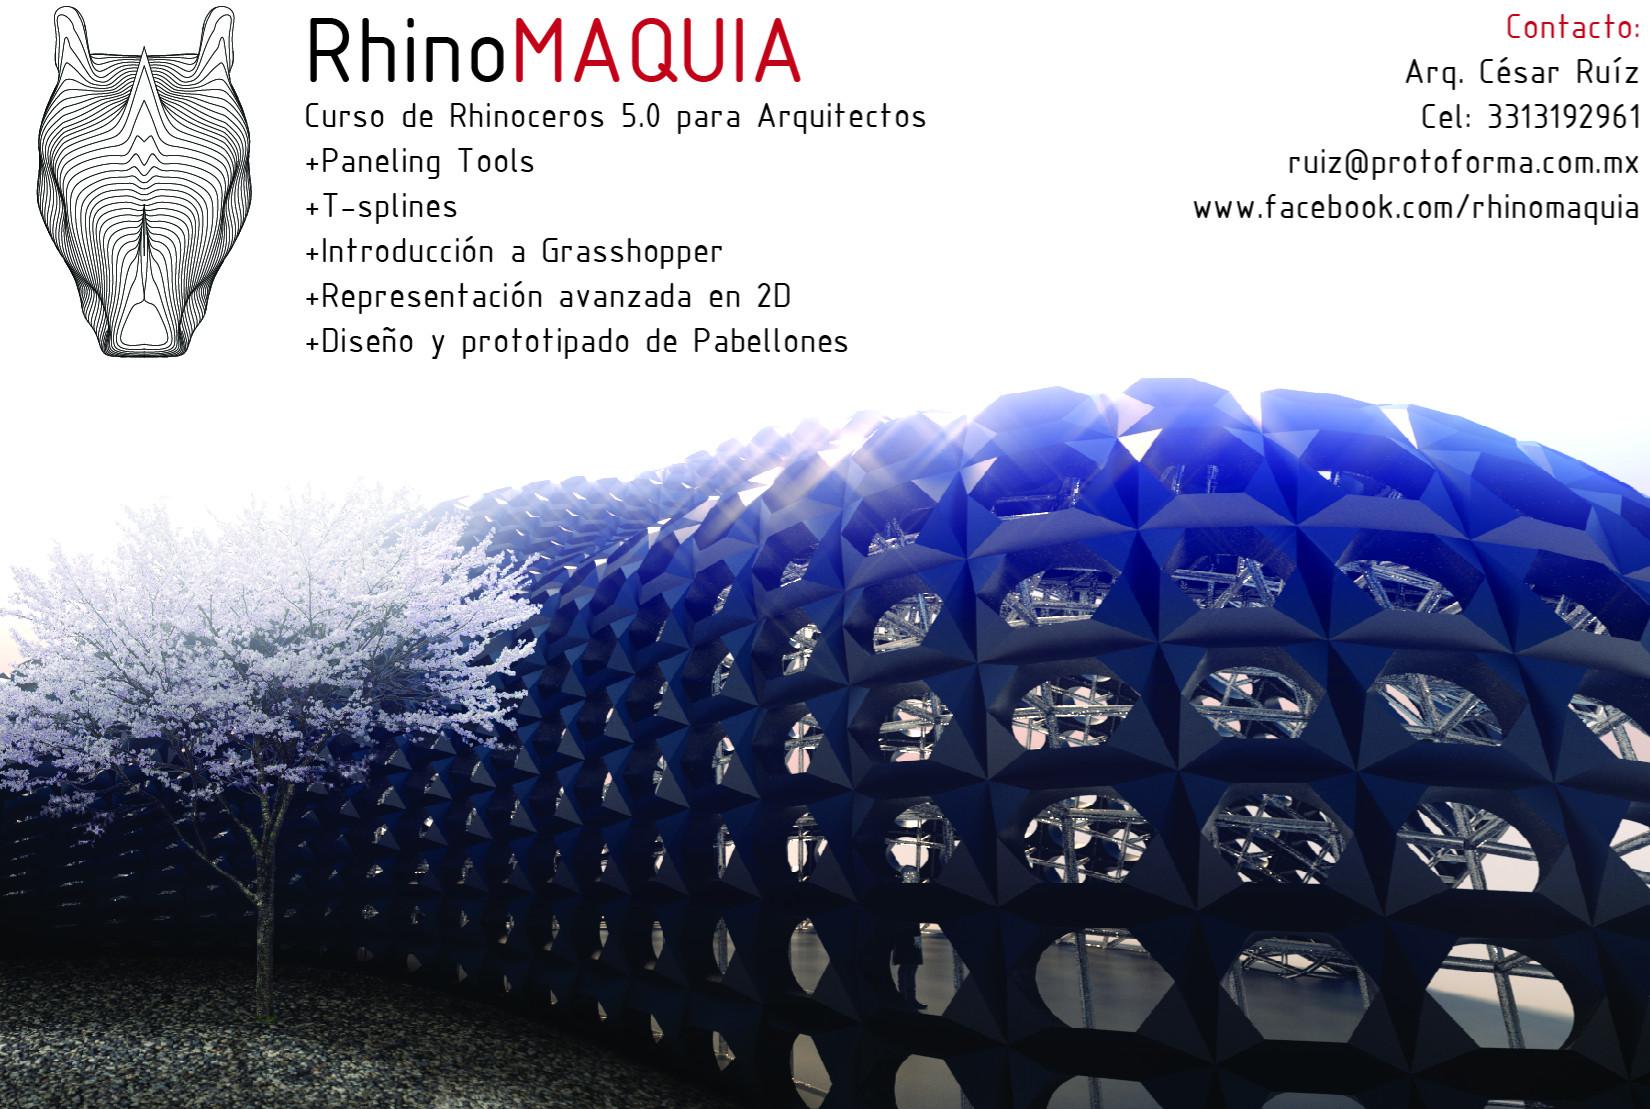 Rhinomaquia abril 2015 curso de rhinoceros 5 0 para for Cursos para arquitectos